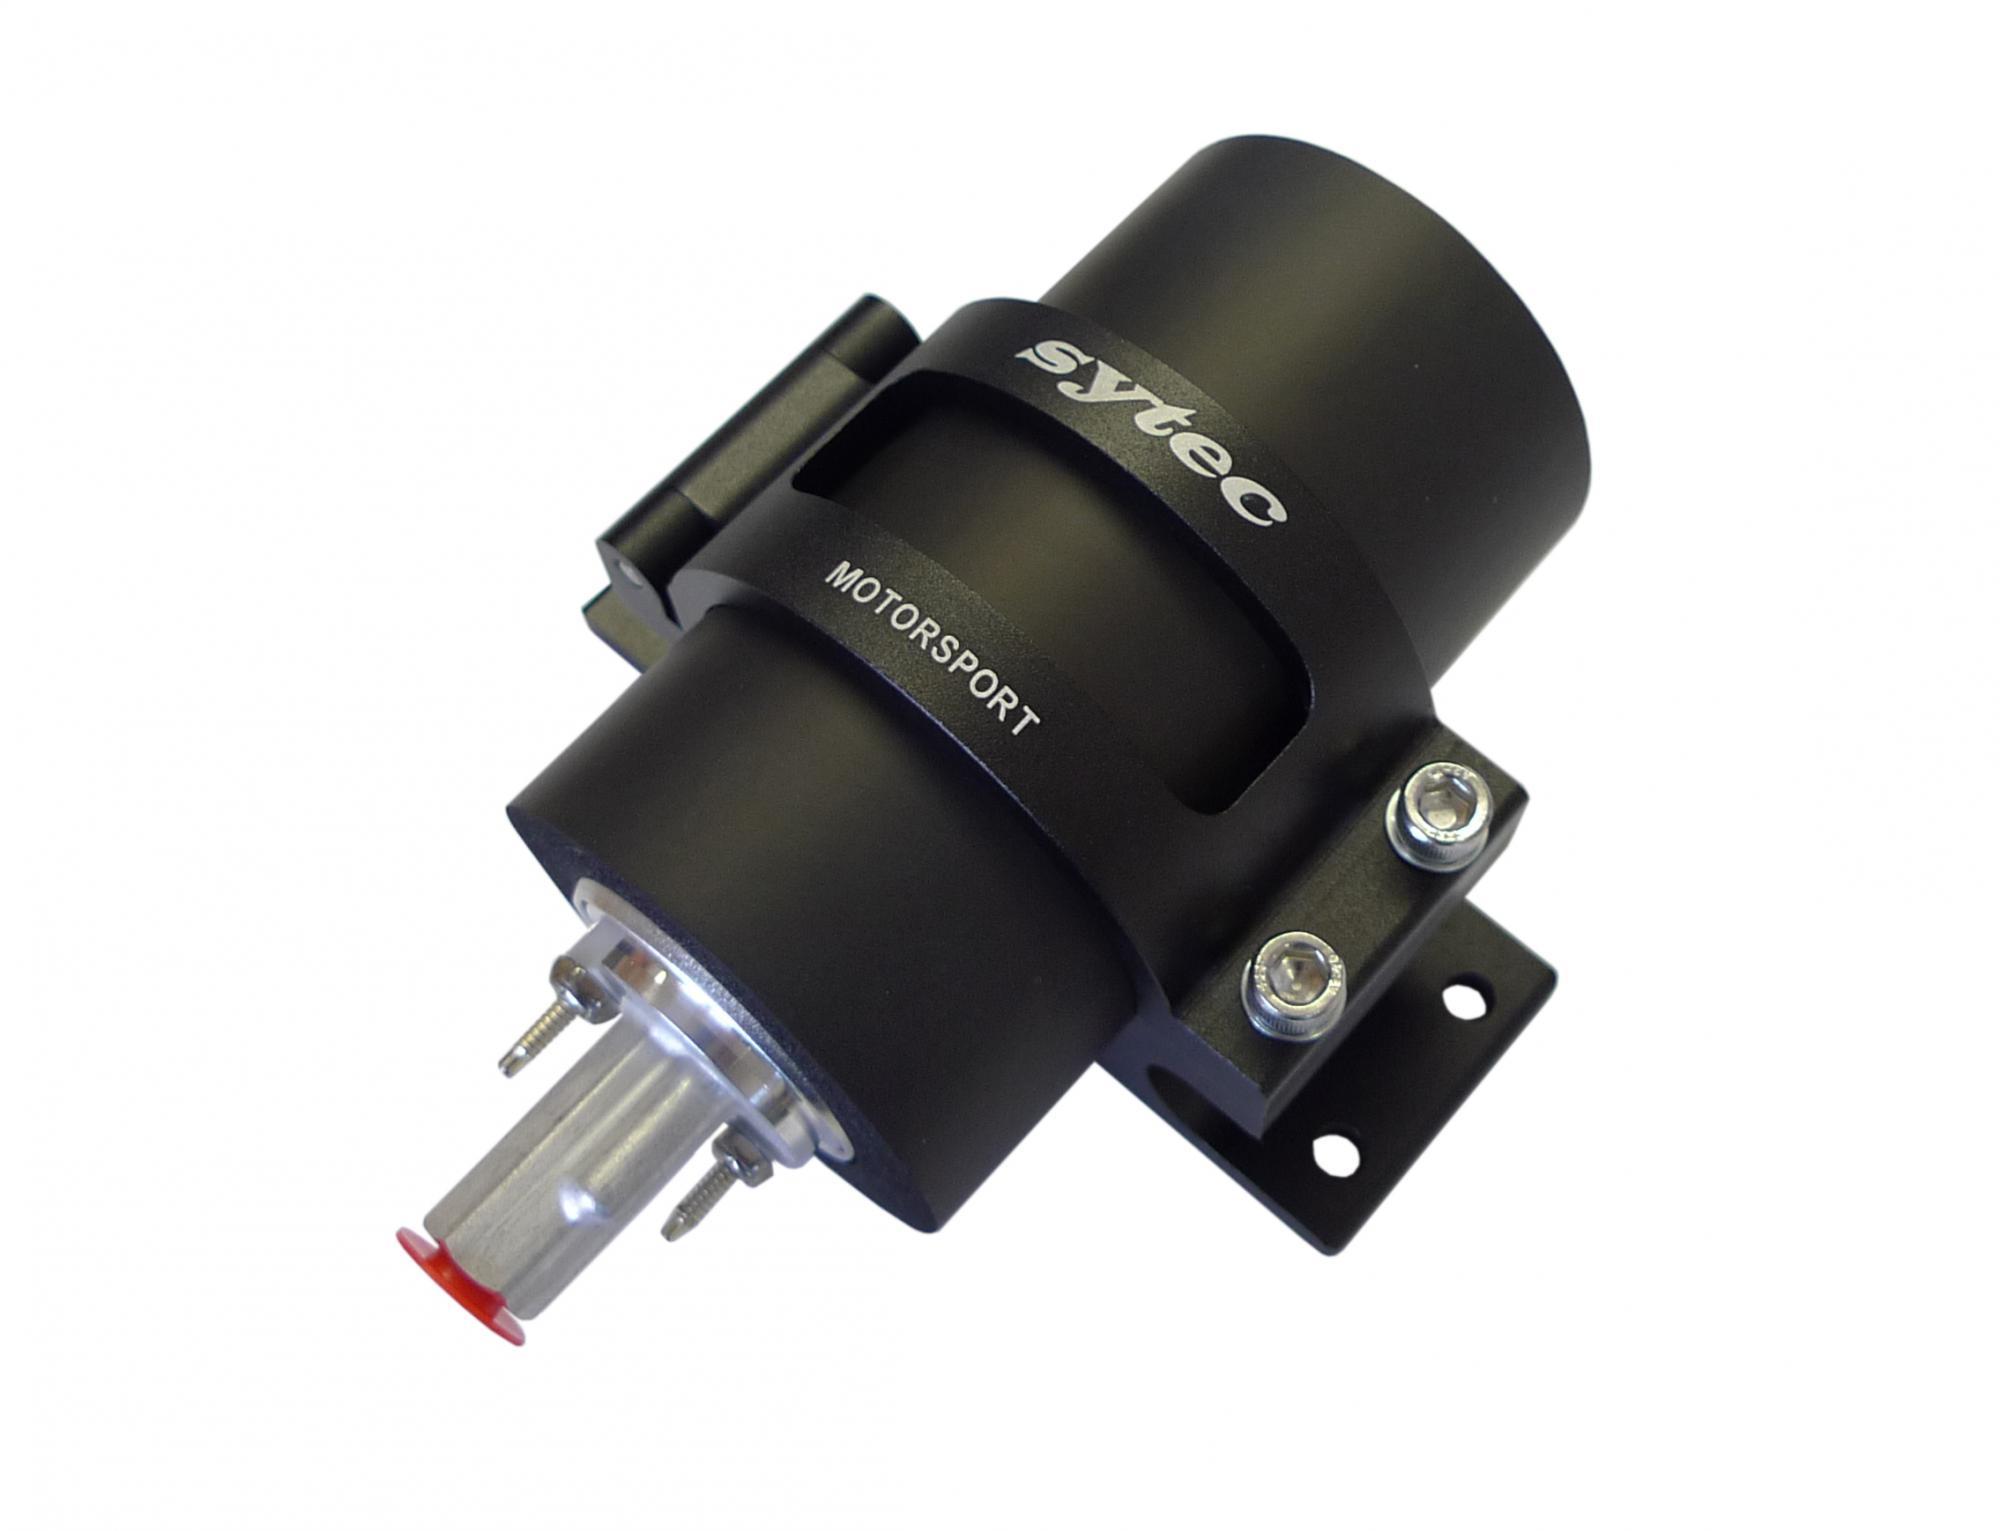 Sytec Motorsport Fuel Pump Filter Bracket From Merlin Aluminium Mounting By